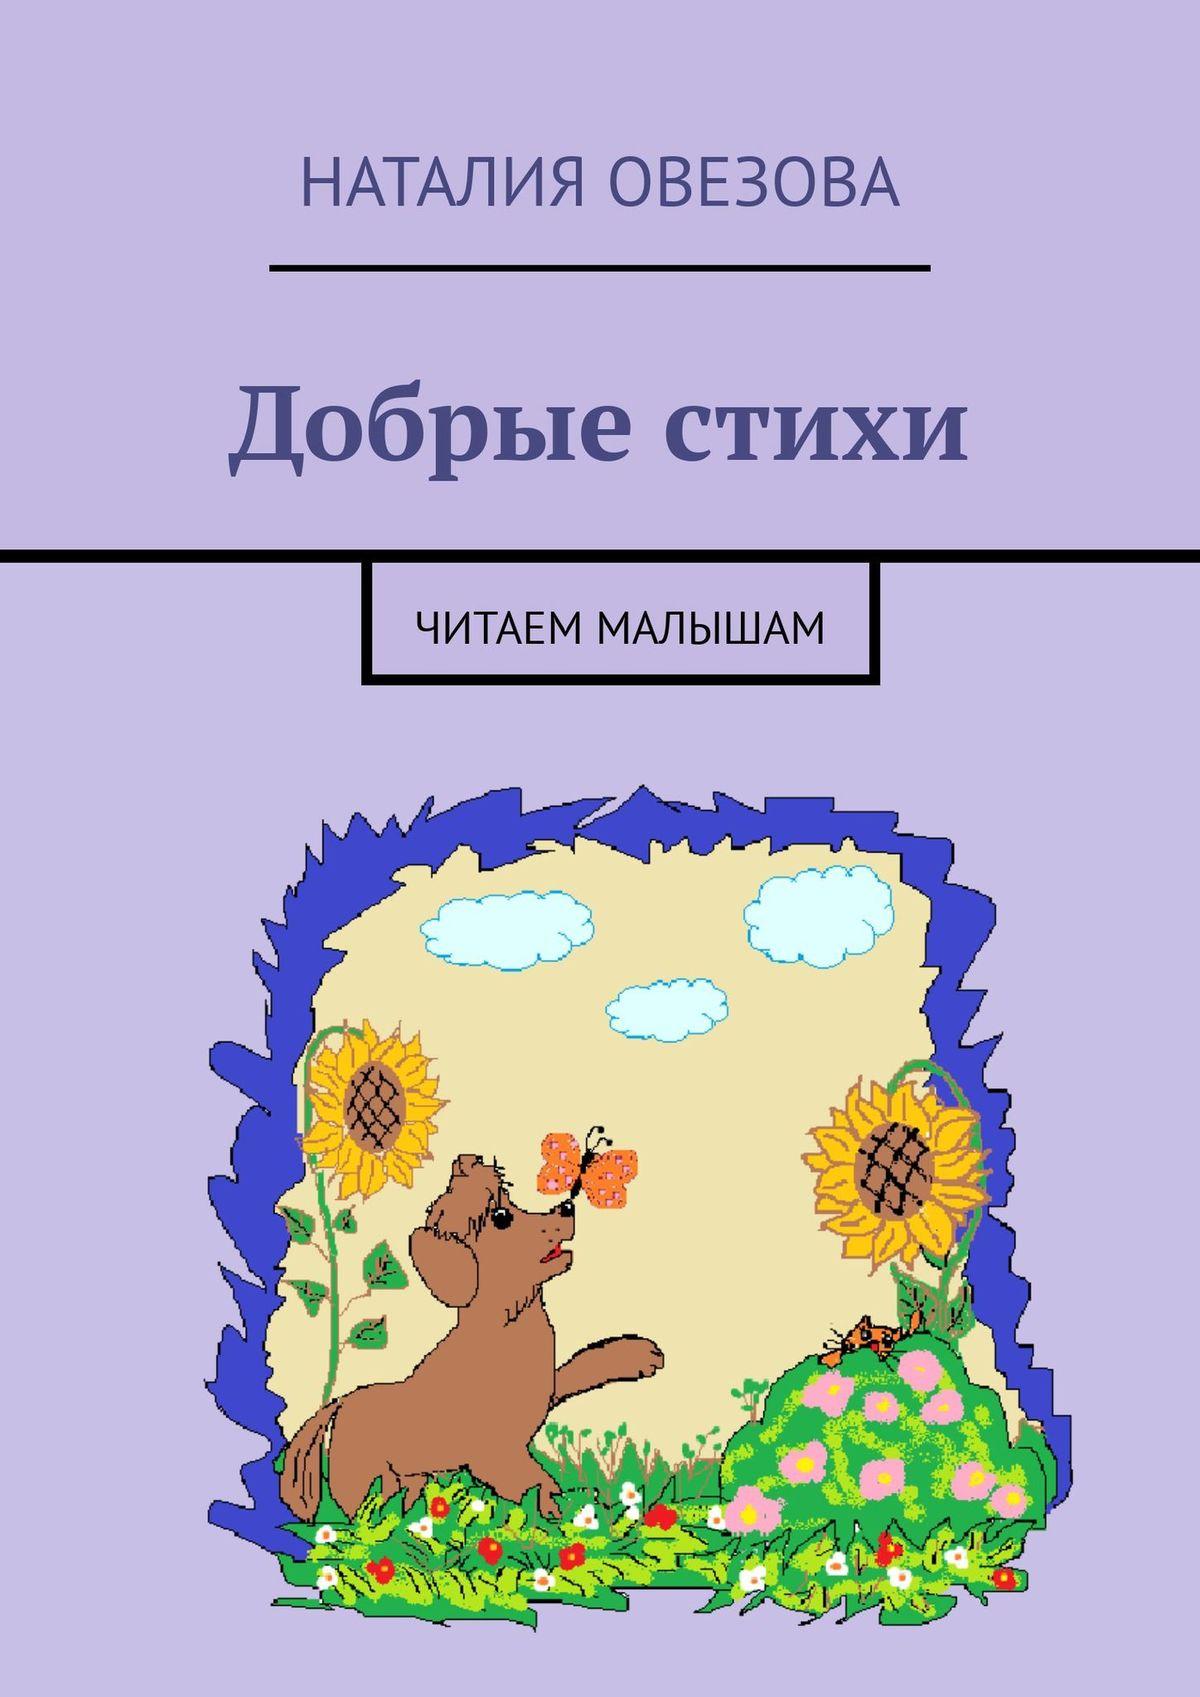 Наталия Овезова Добрые стихи. Читаем малышам цена